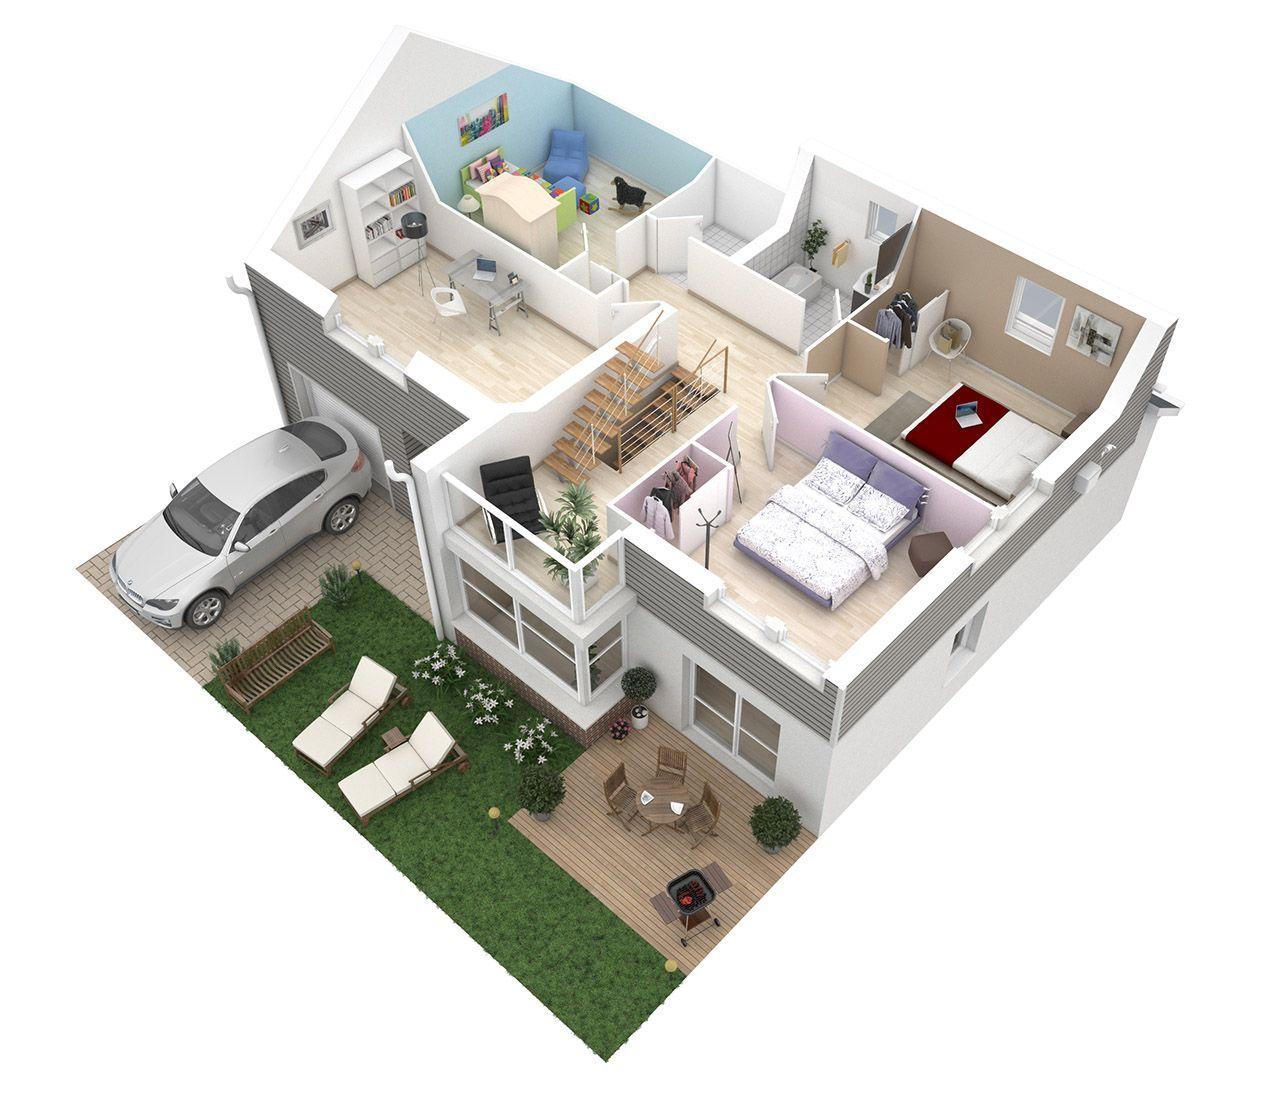 Plan de maison en ligne plans de salle de bains etb for Dessiner salle de bain en ligne